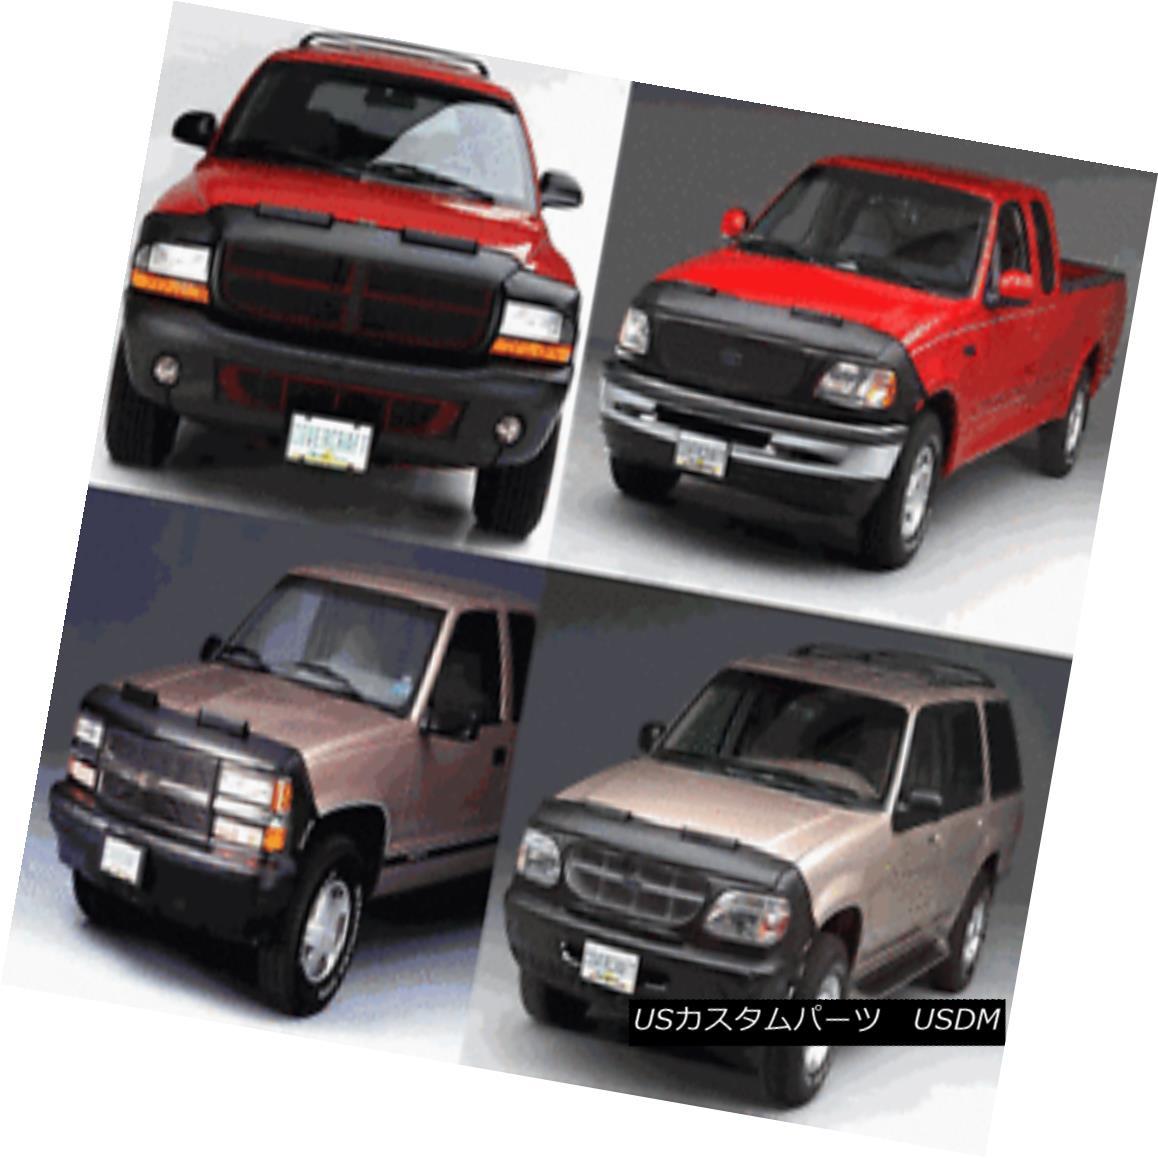 フルブラ ノーズブラ Lebra Front End Mask Cover Bra Fits 1995-1999 Chevrolet Monte Carlo LS Lebraフロントエンドマスクカバーブラフィット1995-1999シボレーモンテカルロLS